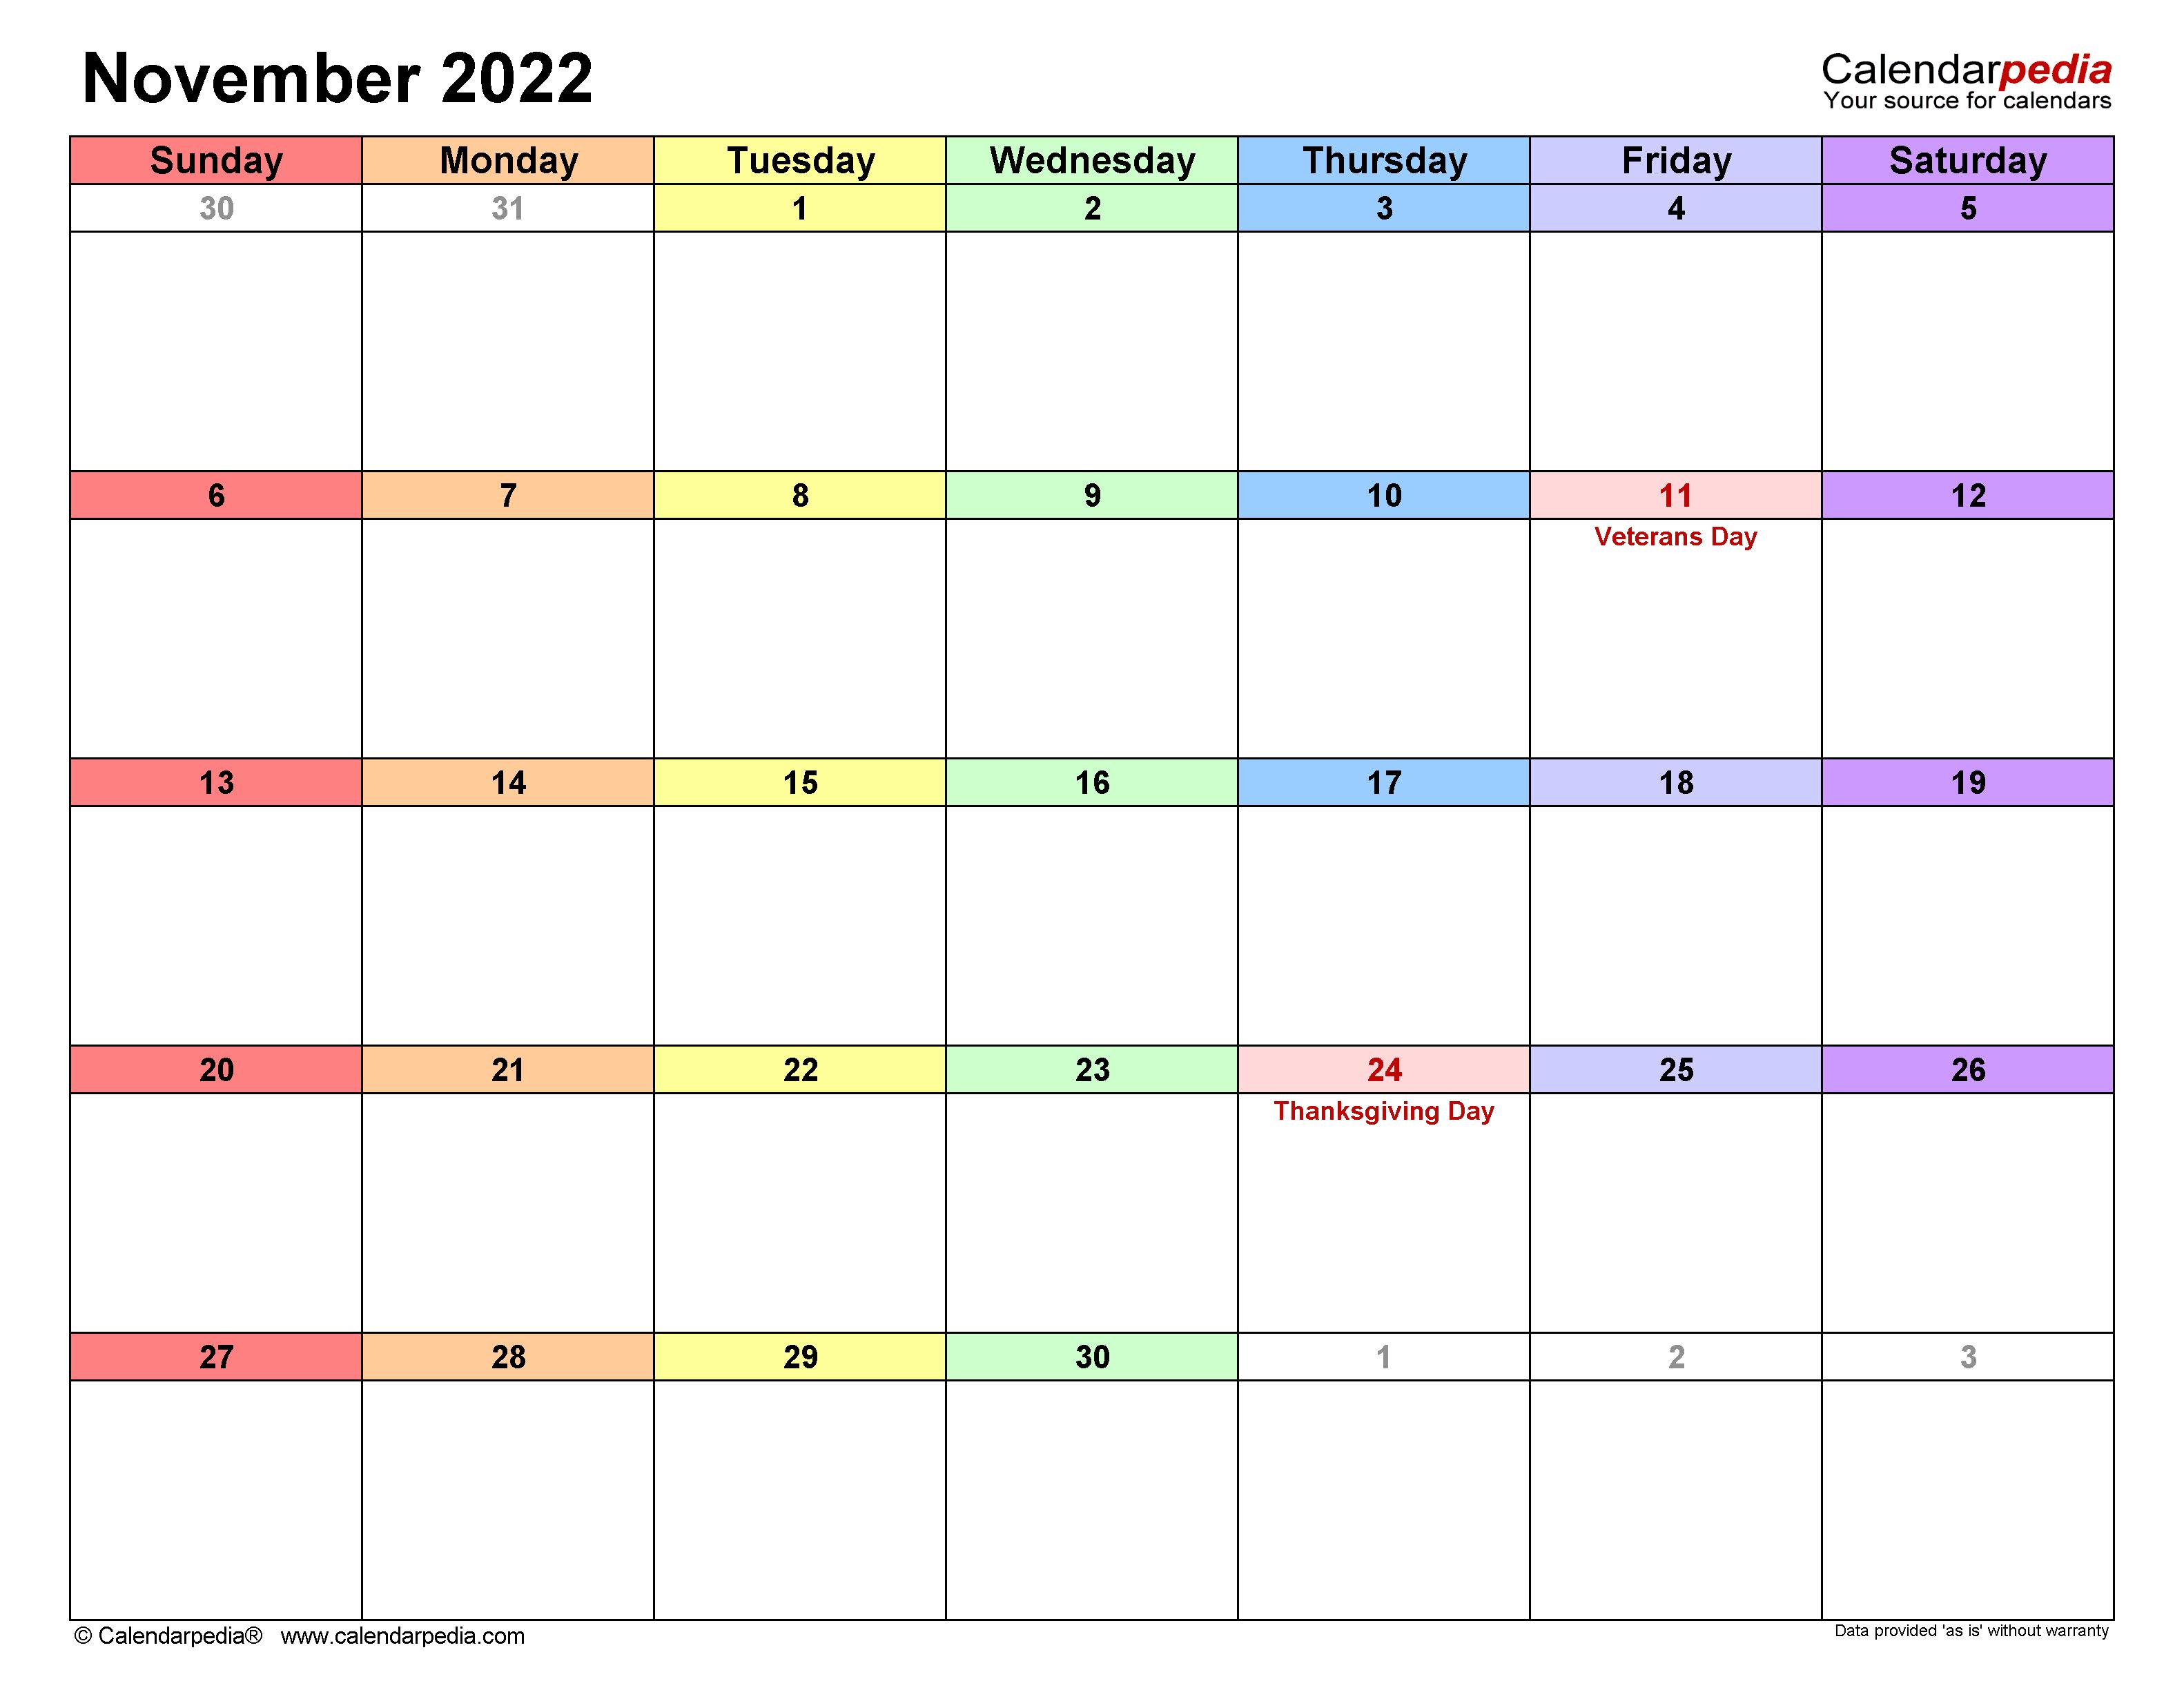 Nov 2022 Calendar With Holidays.November 2022 Calendar Templates For Word Excel And Pdf